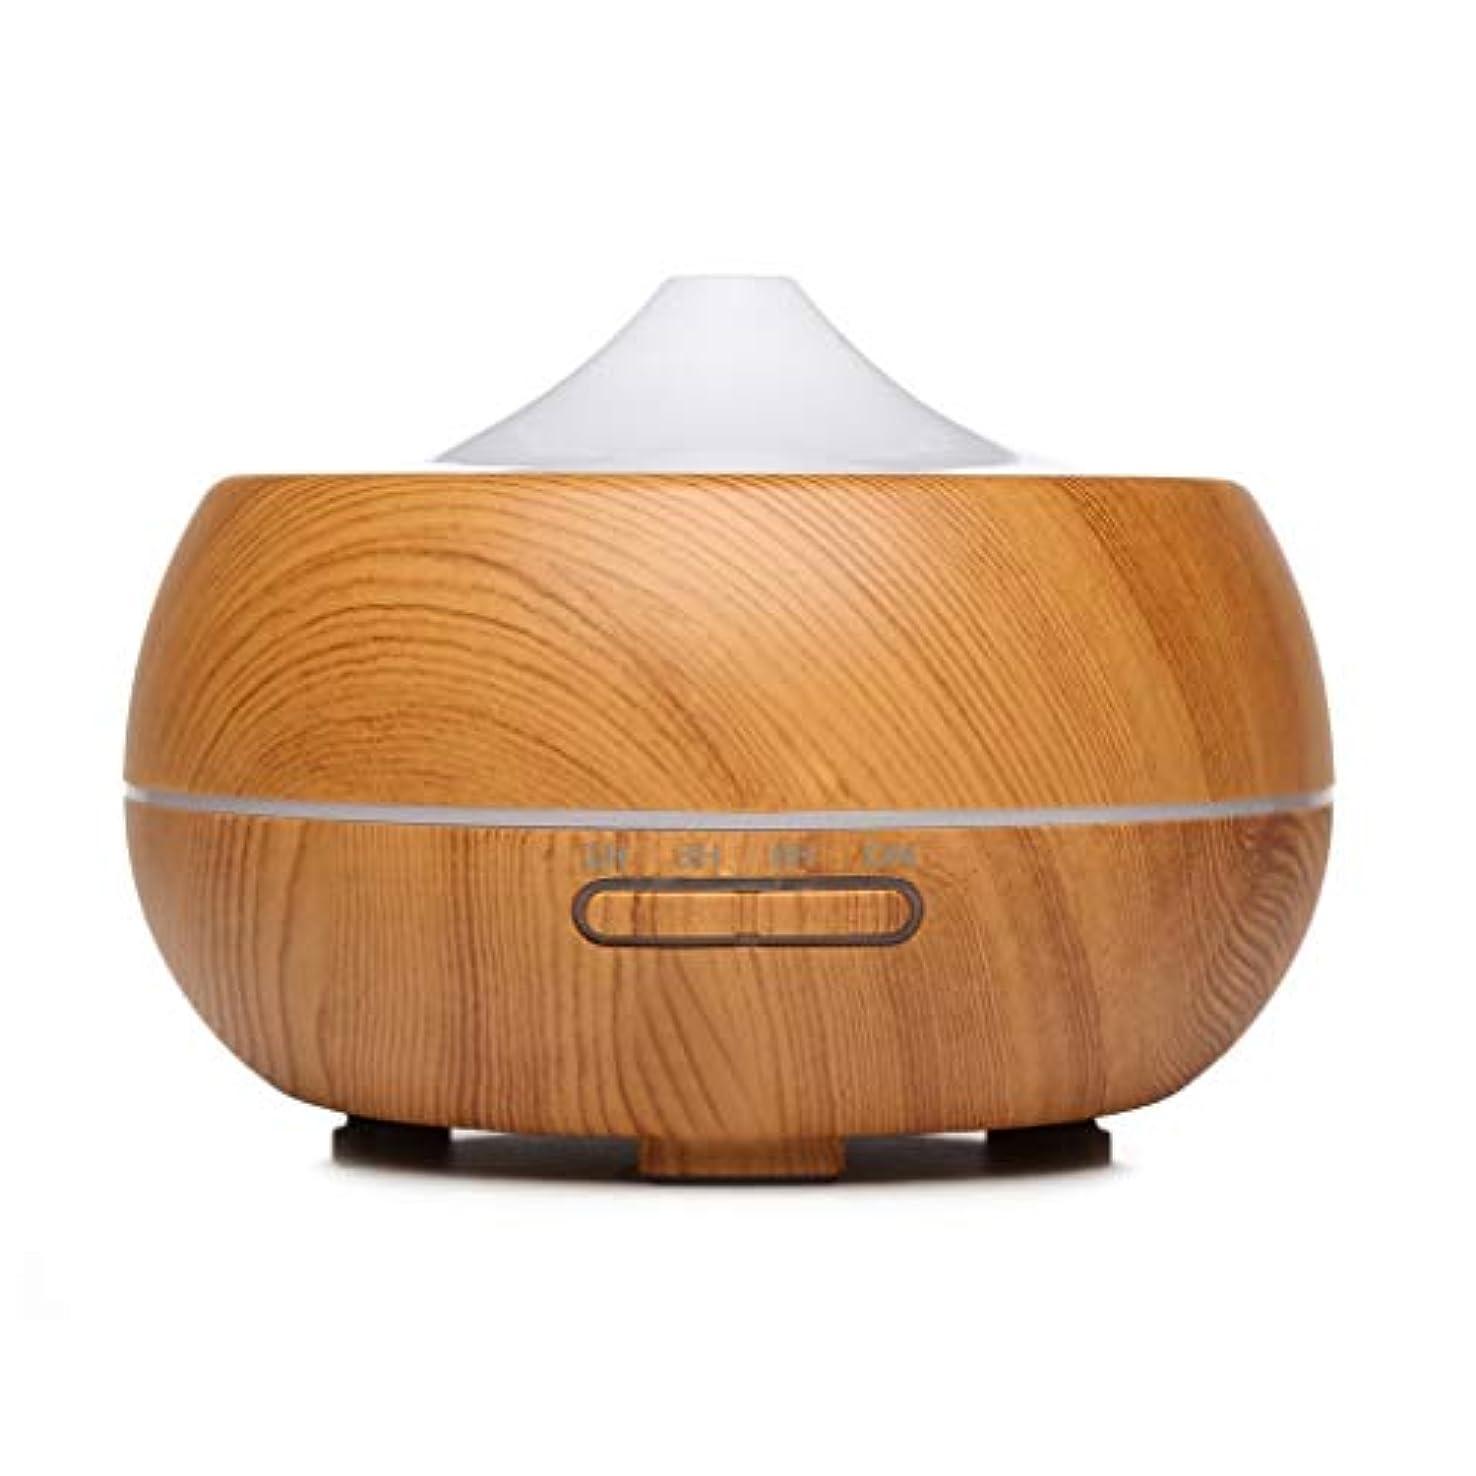 チェス誰が病気300ミリリットルクールミスト加湿器超音波不可欠ディフューザー用オフィスホームベッドルームリビングルーム研究ヨガスパ、木目 (Color : Light wood grain)